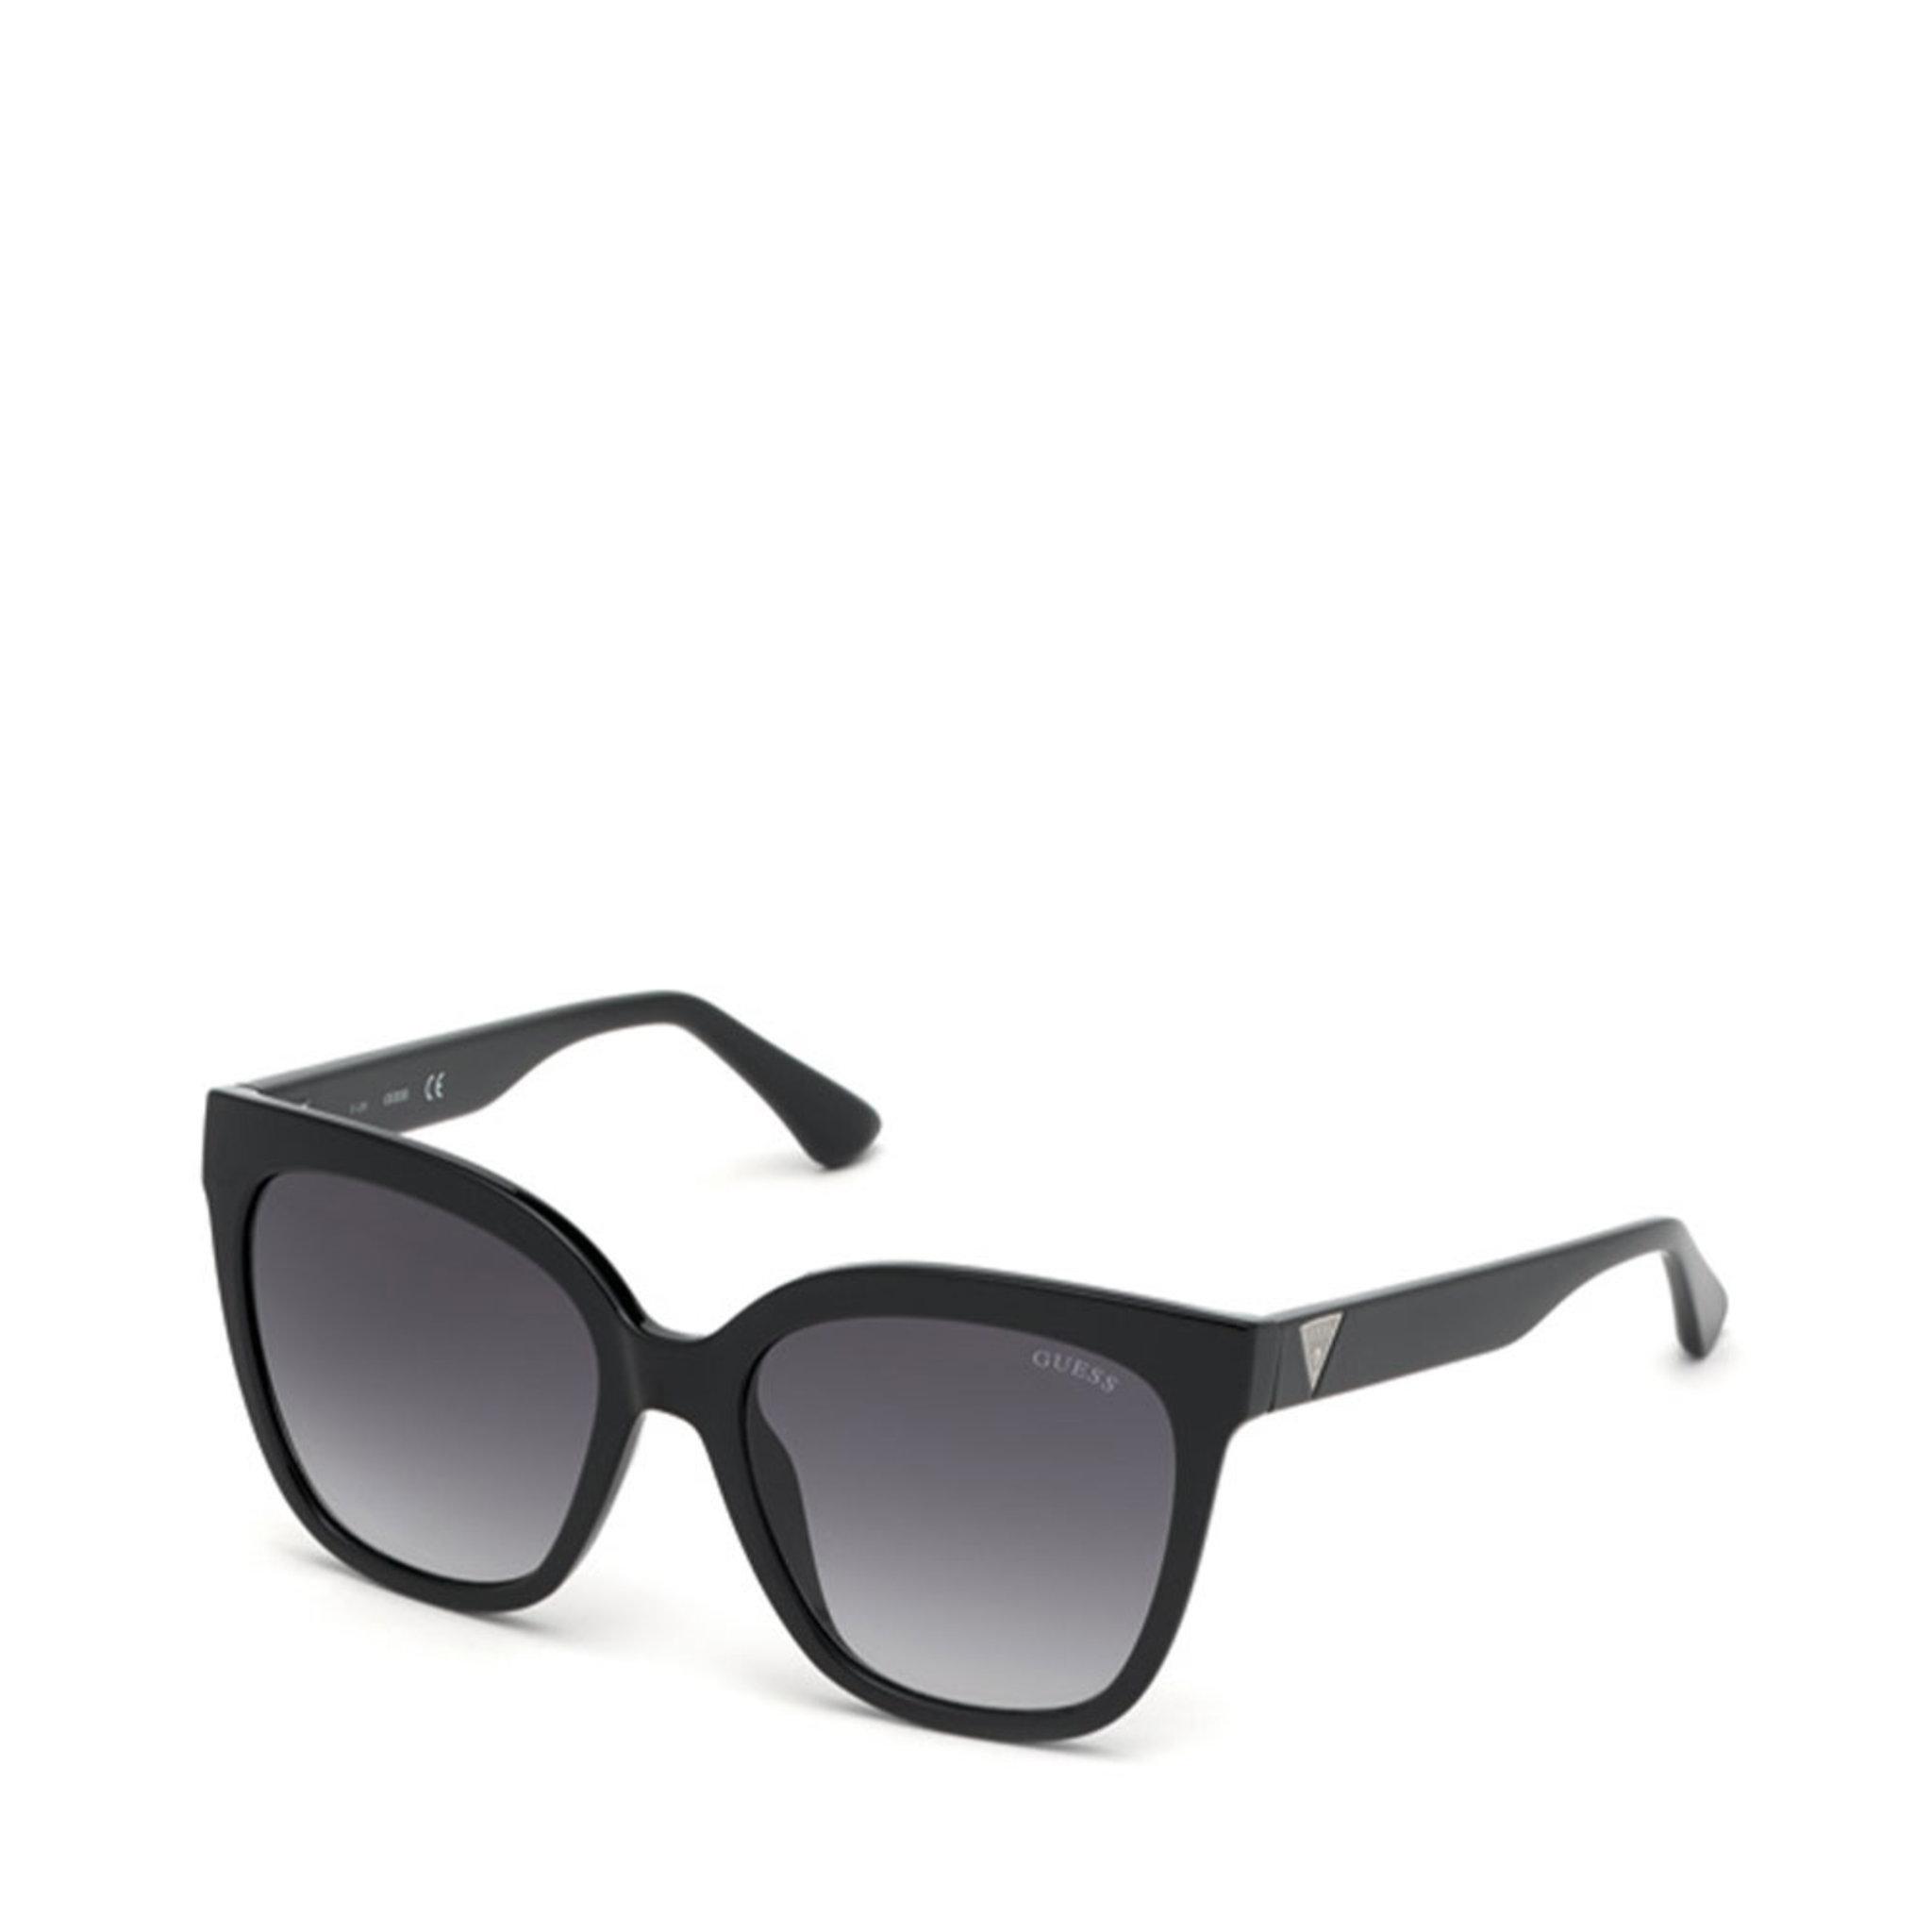 Sunglasses GU7612